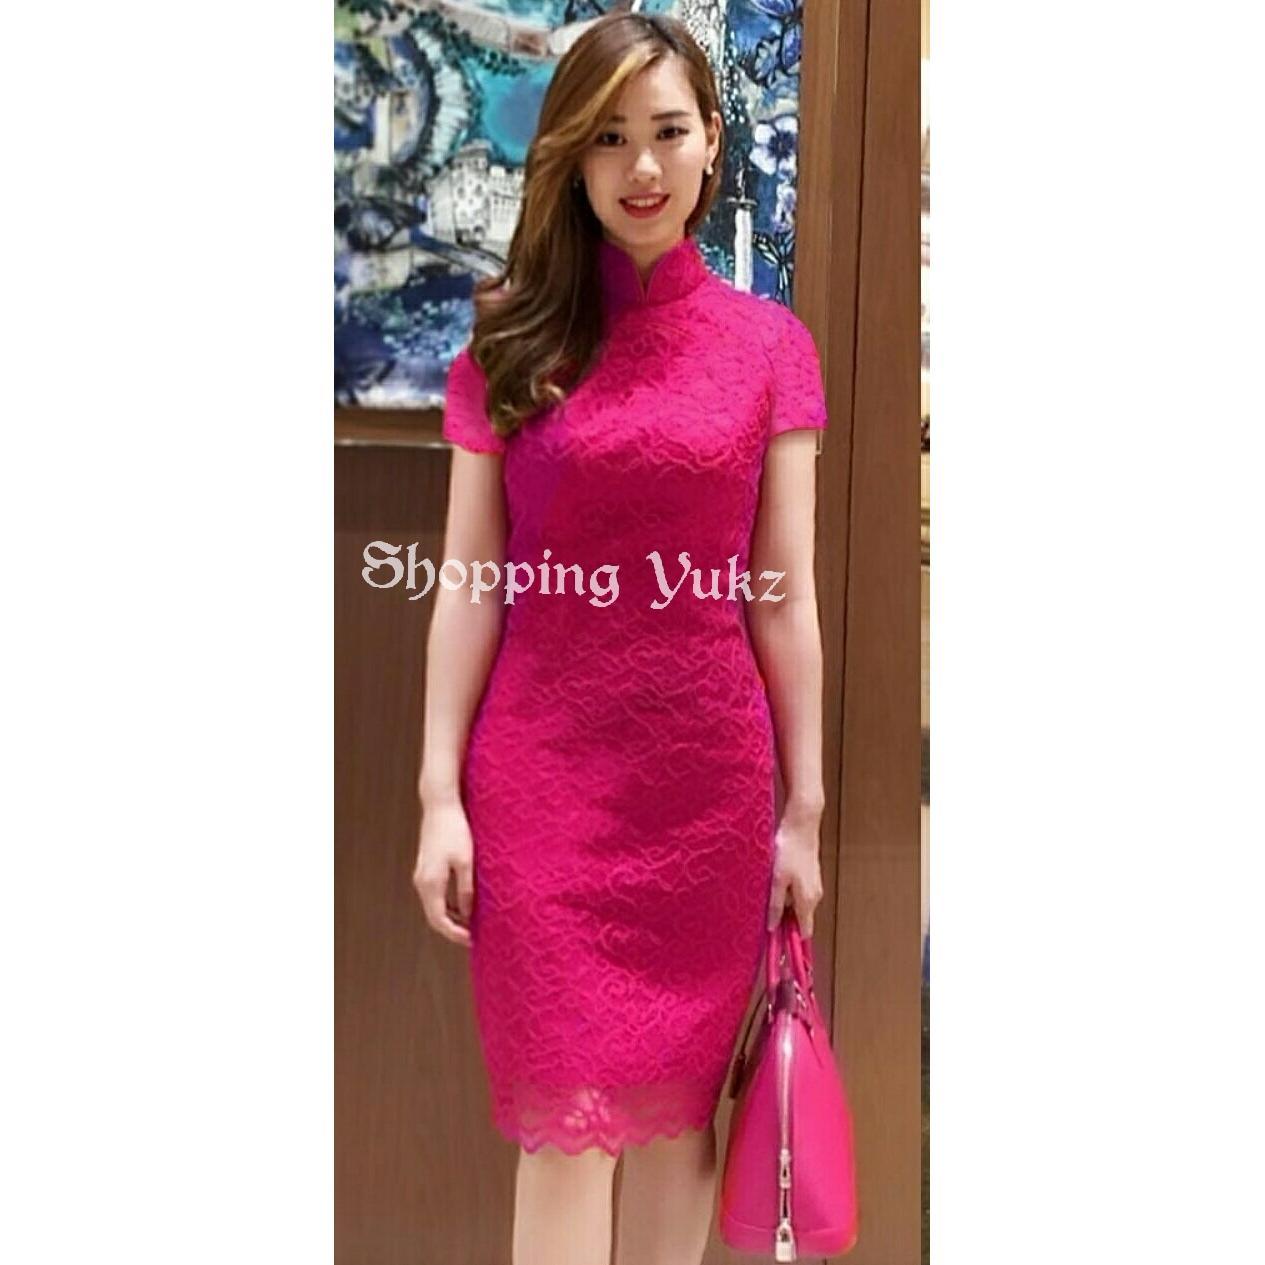 Shopping Yukz Dress Brukat Wanita ELBIE / Dress Korea / Dress Renda / Lace Dress / Gaun Pesta / Gaun Midi / Gaun Murah / Gaun Murah / Dress Cewek / Gaun Remaja